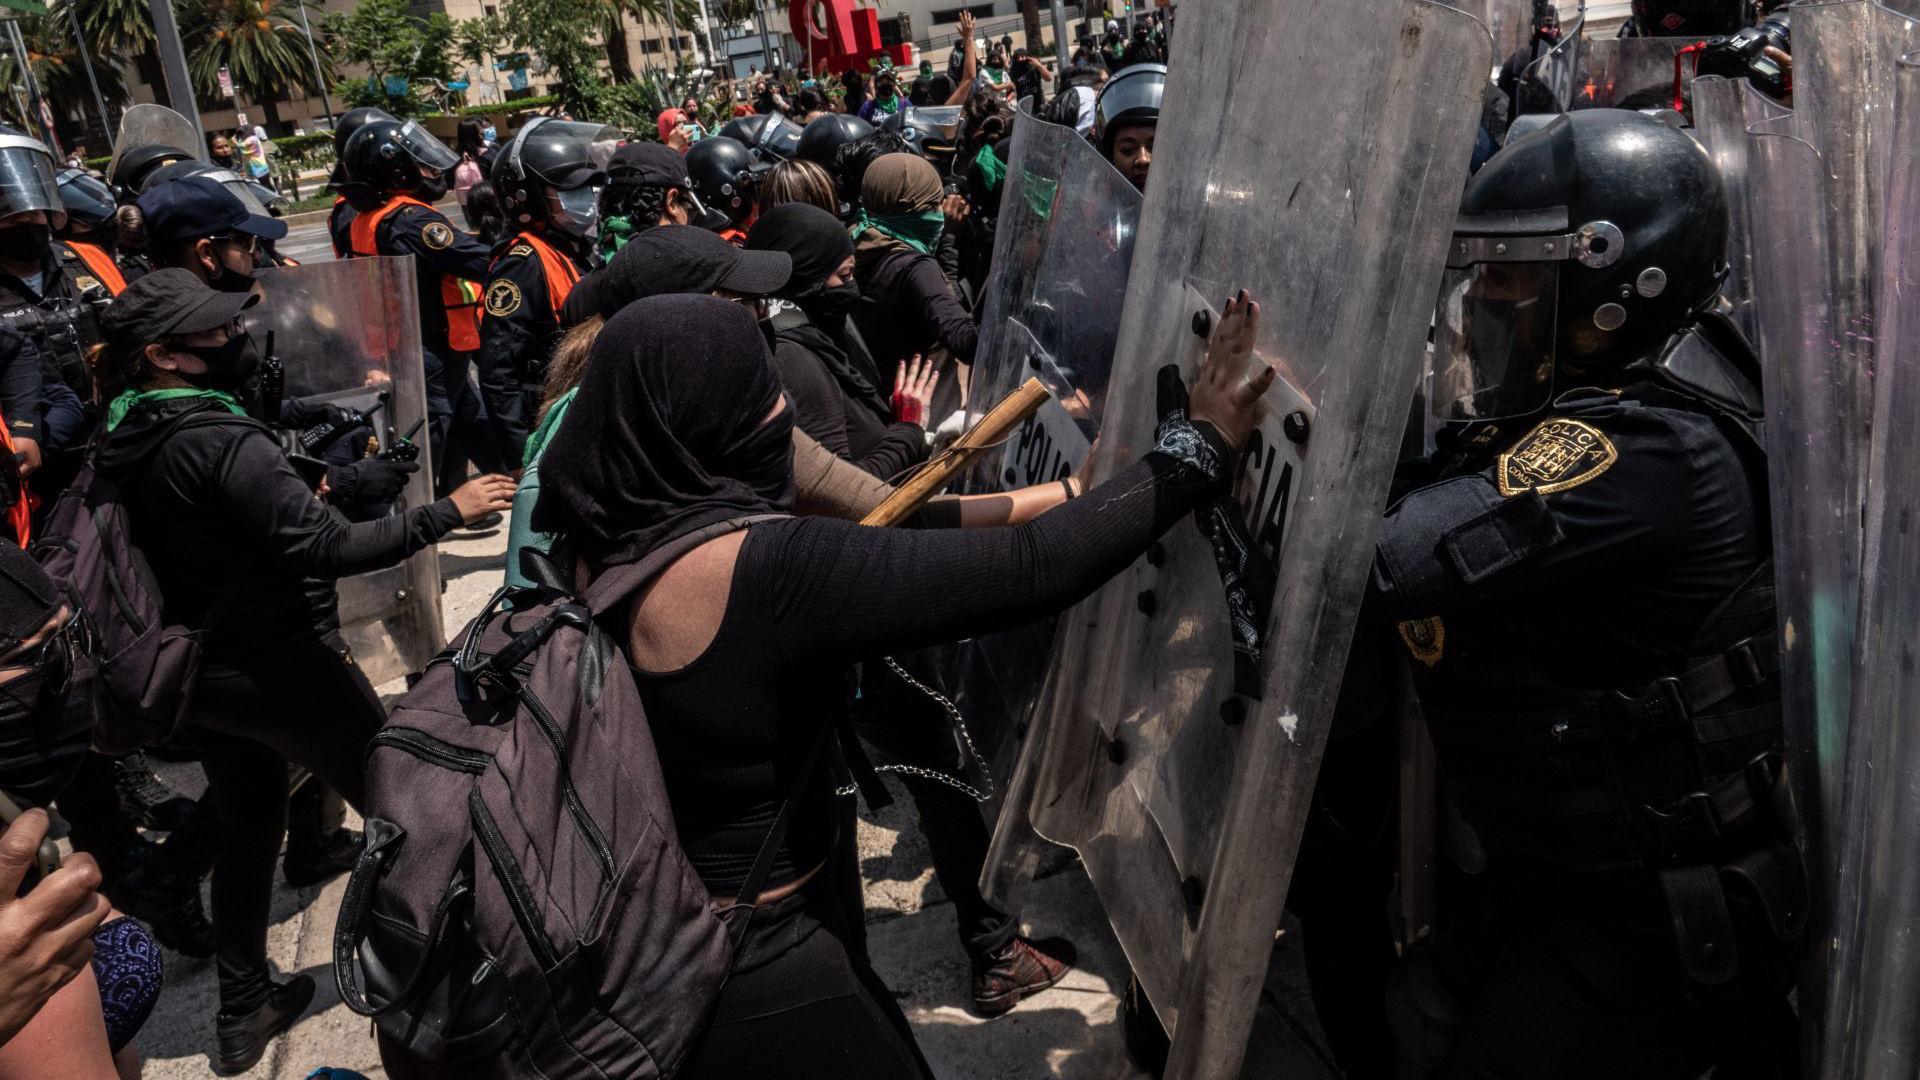 En varios puntos de la manifestación se registran conatos de violencia entre los manifestantes y los cuerpos de seguridad que custodiaban la marcha (Foto: Cuartoscuro)